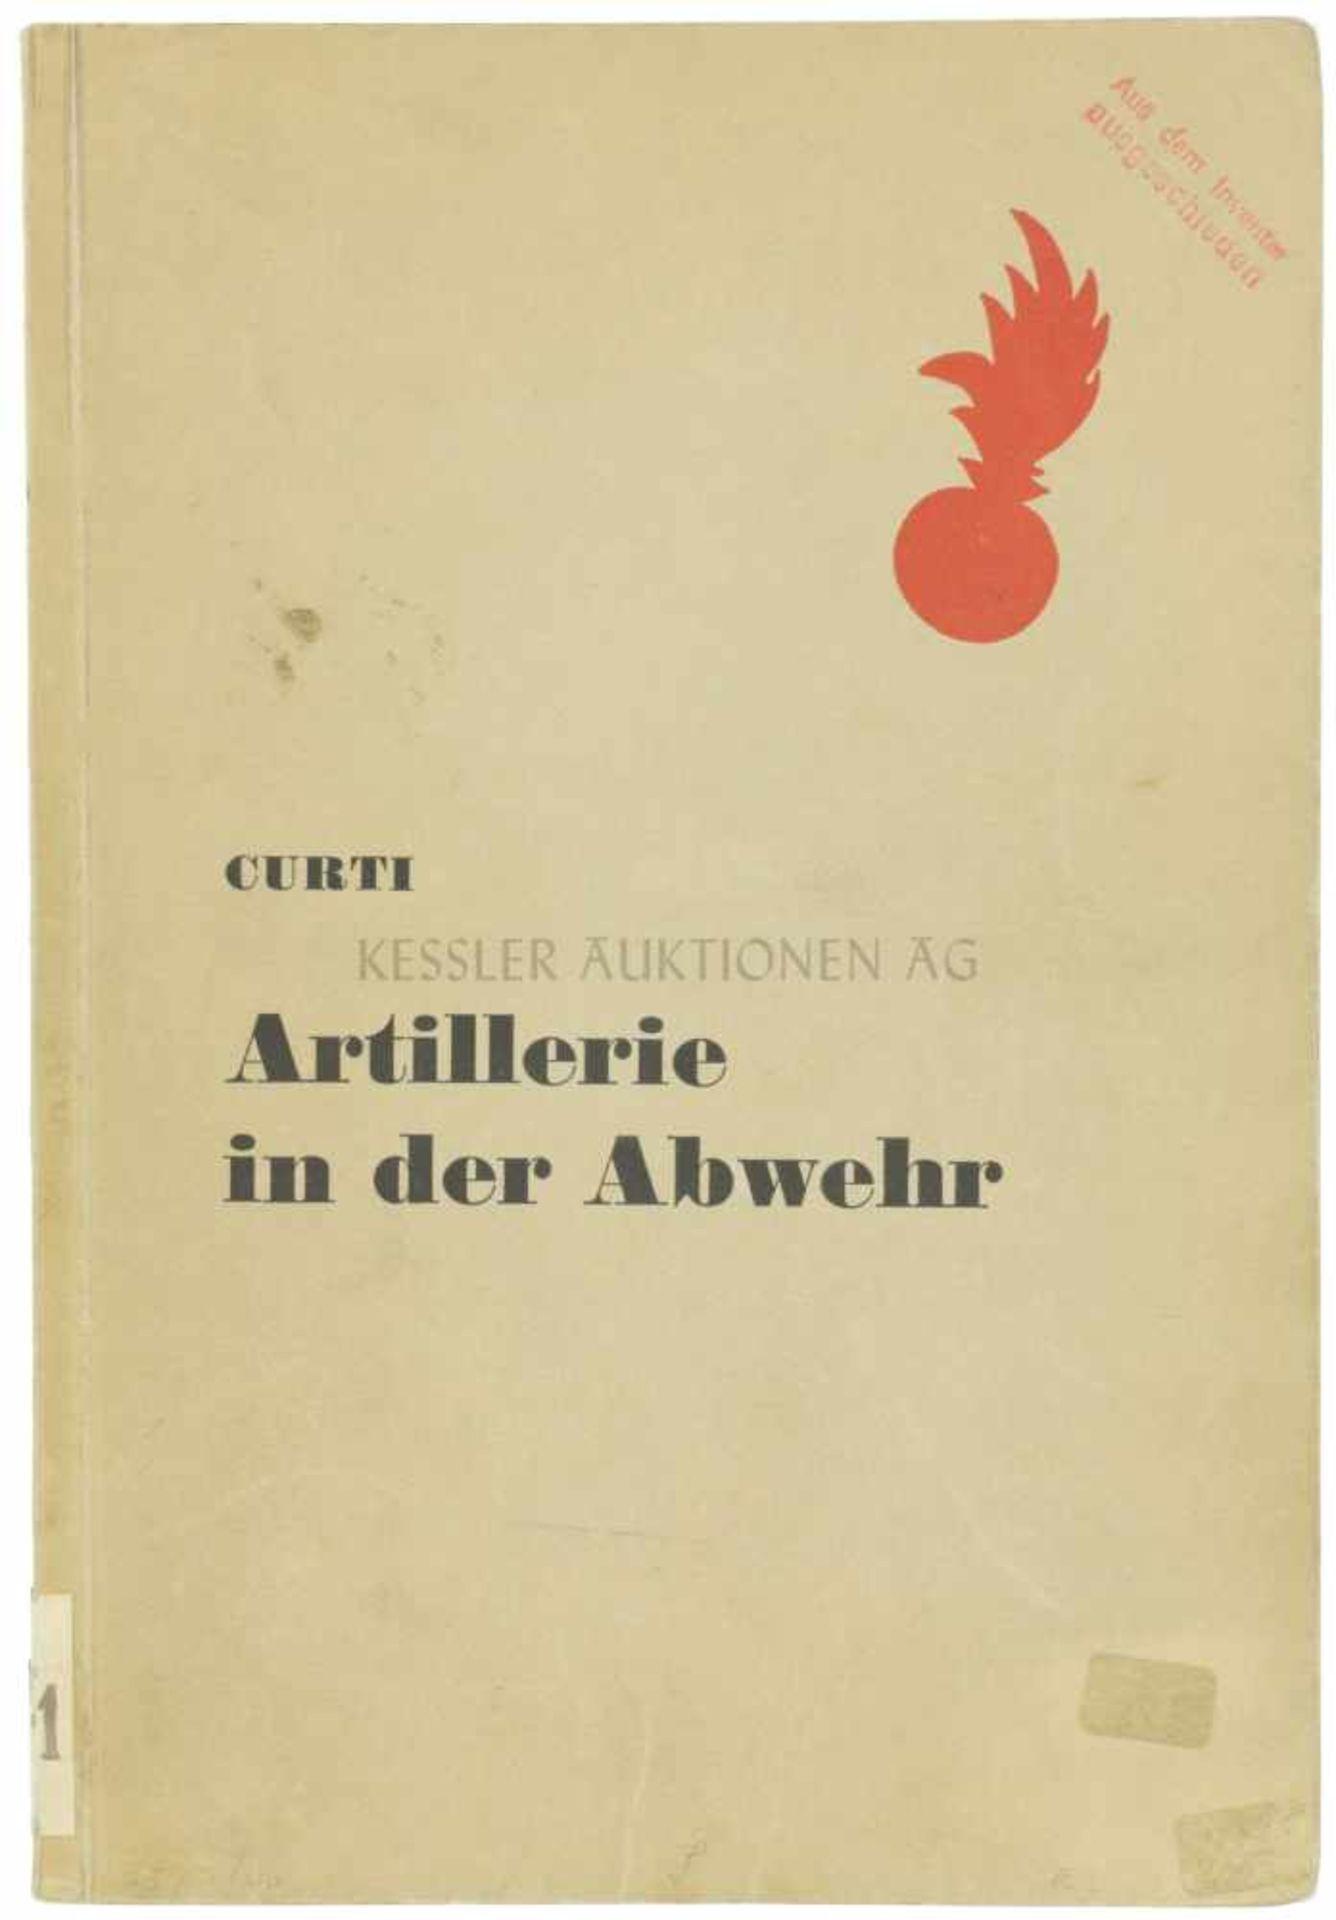 Artillerie in der Abwehr Autor P. Curti, Verlag von Huber & Co., Frauenfeld und Leipzig, 1940, 202